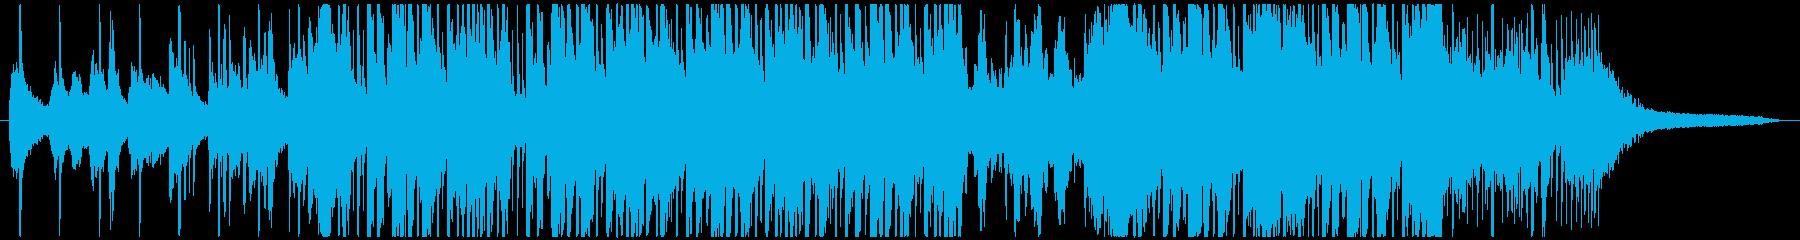 アリアナグランデ風洋楽ポップBGMの再生済みの波形